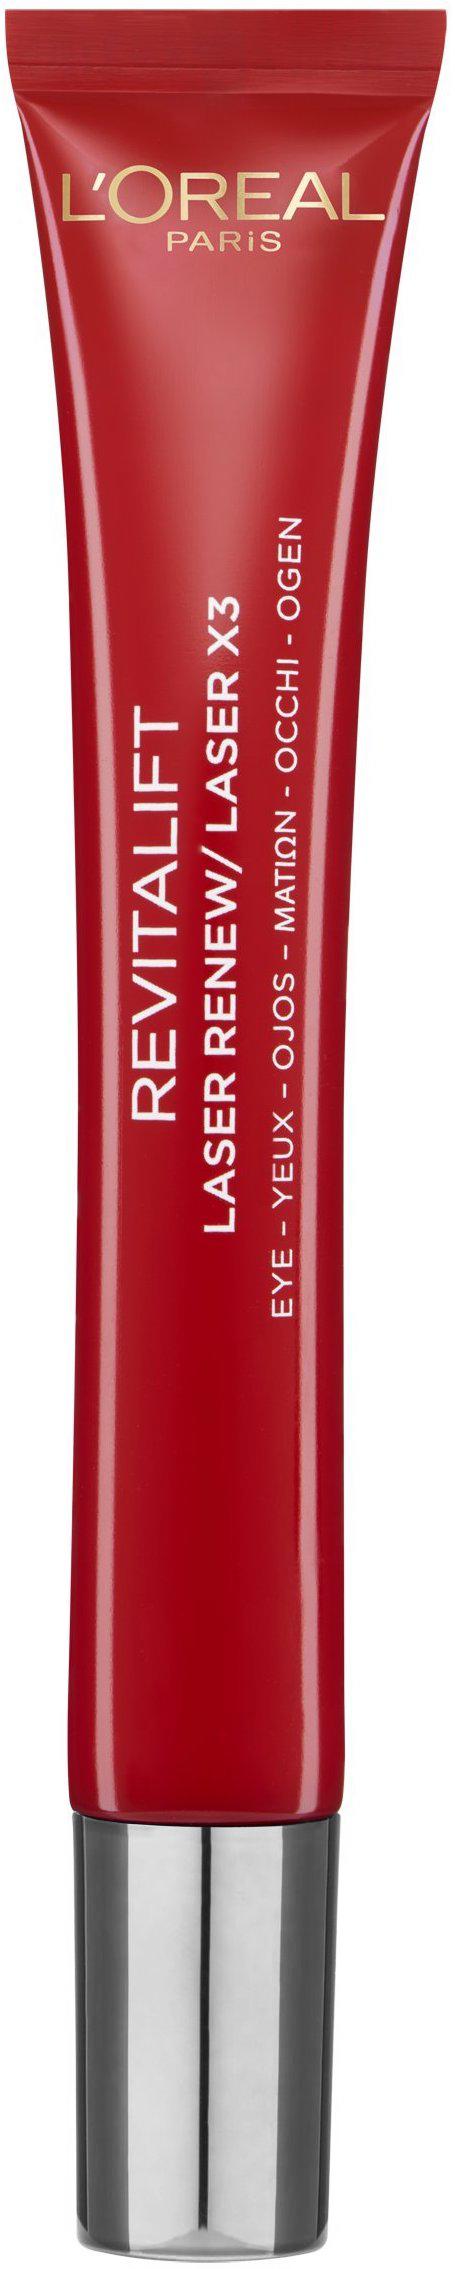 קרם עיניים רויטליפט לייזר L'Oréal Paris X3